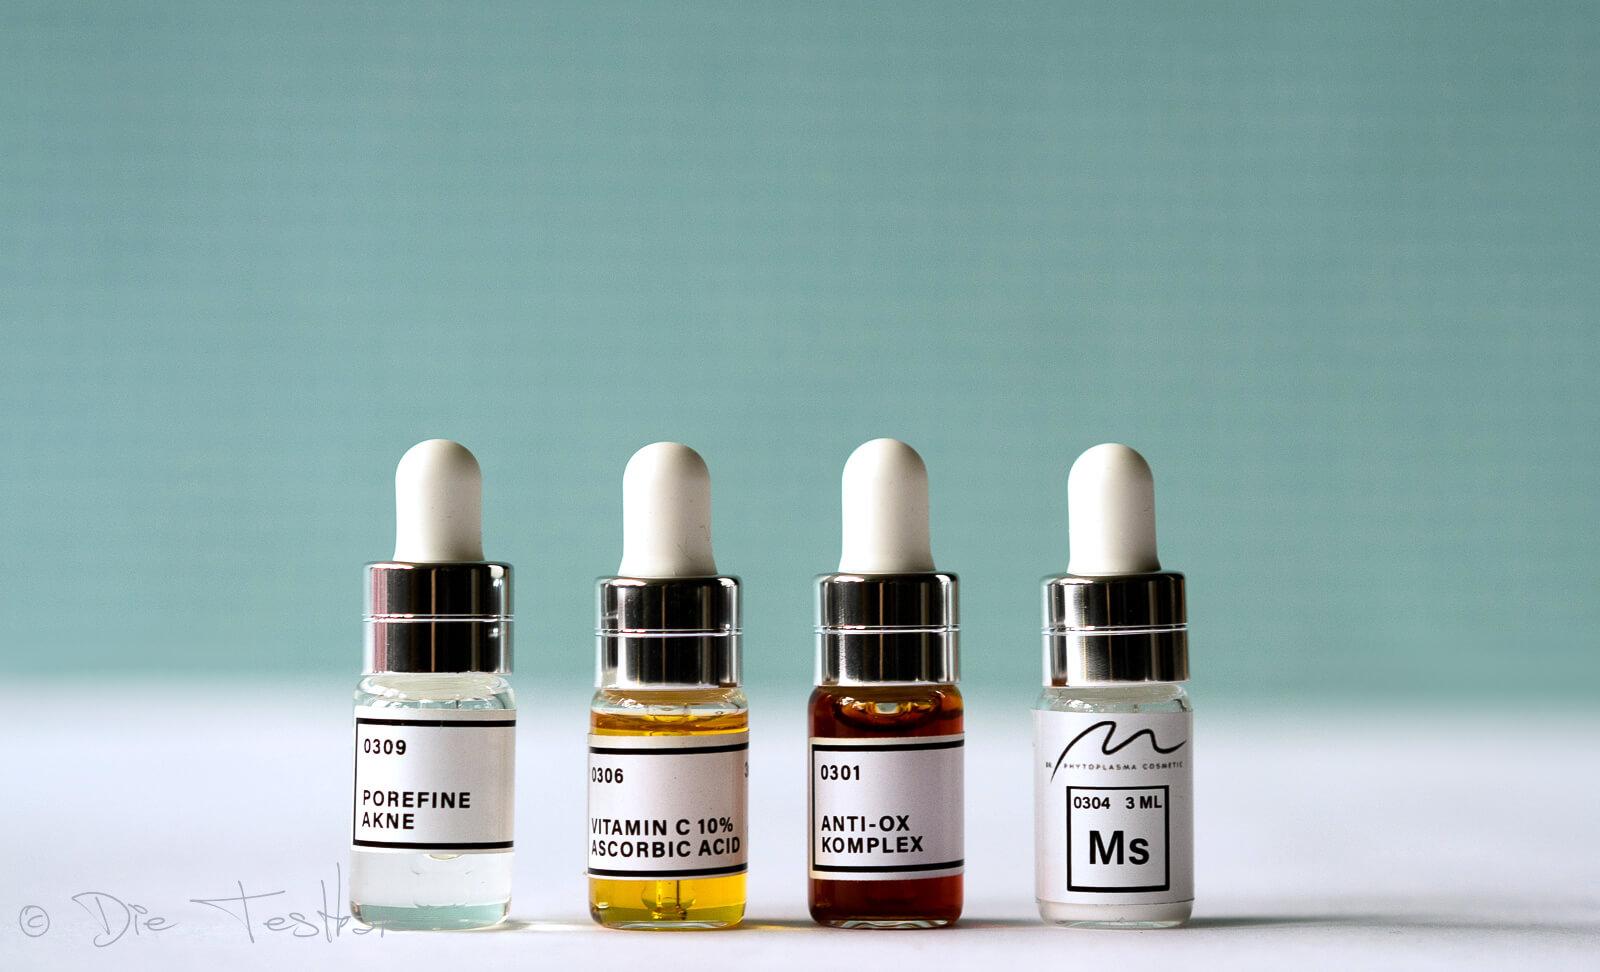 Elements for Beauty Professionelle Wirkstoffkosmetik